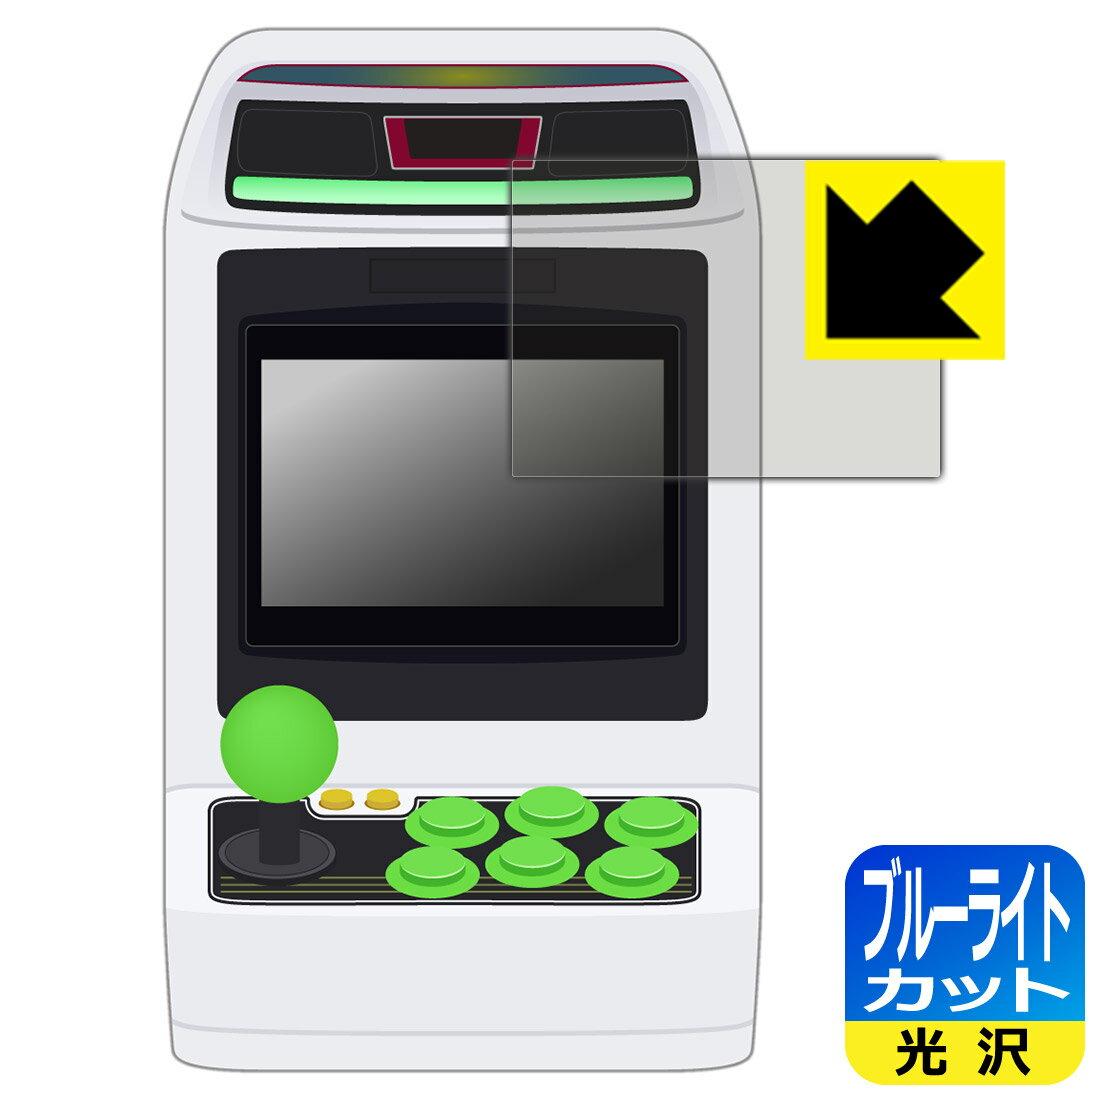 テレビゲーム, アーケードゲーム  (ASTRO CITY mini) RCPsmtb-kd